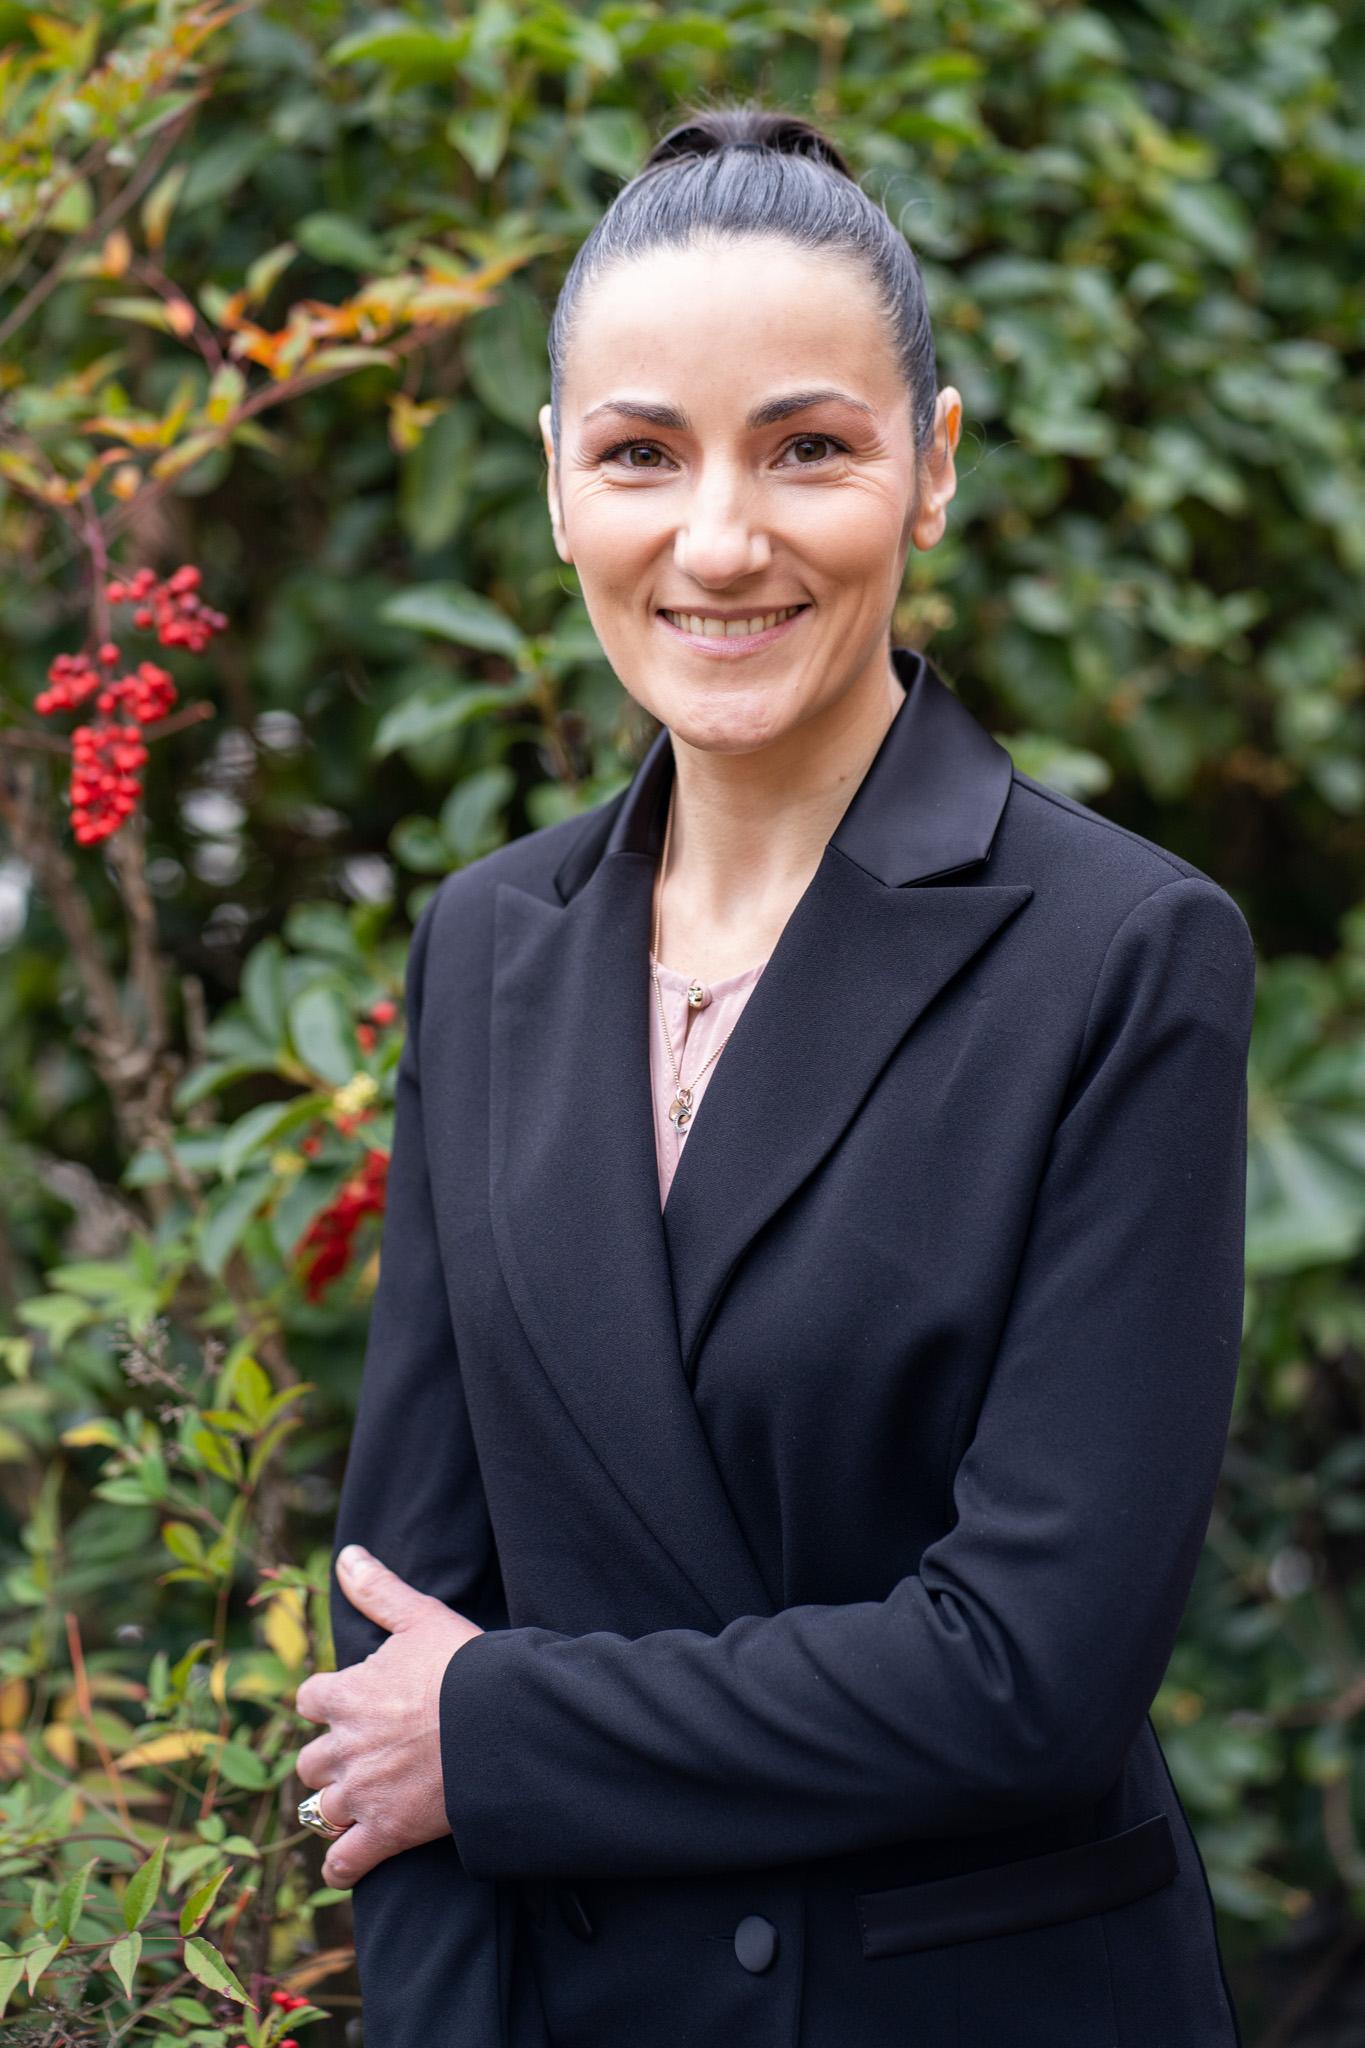 Chiara Eva